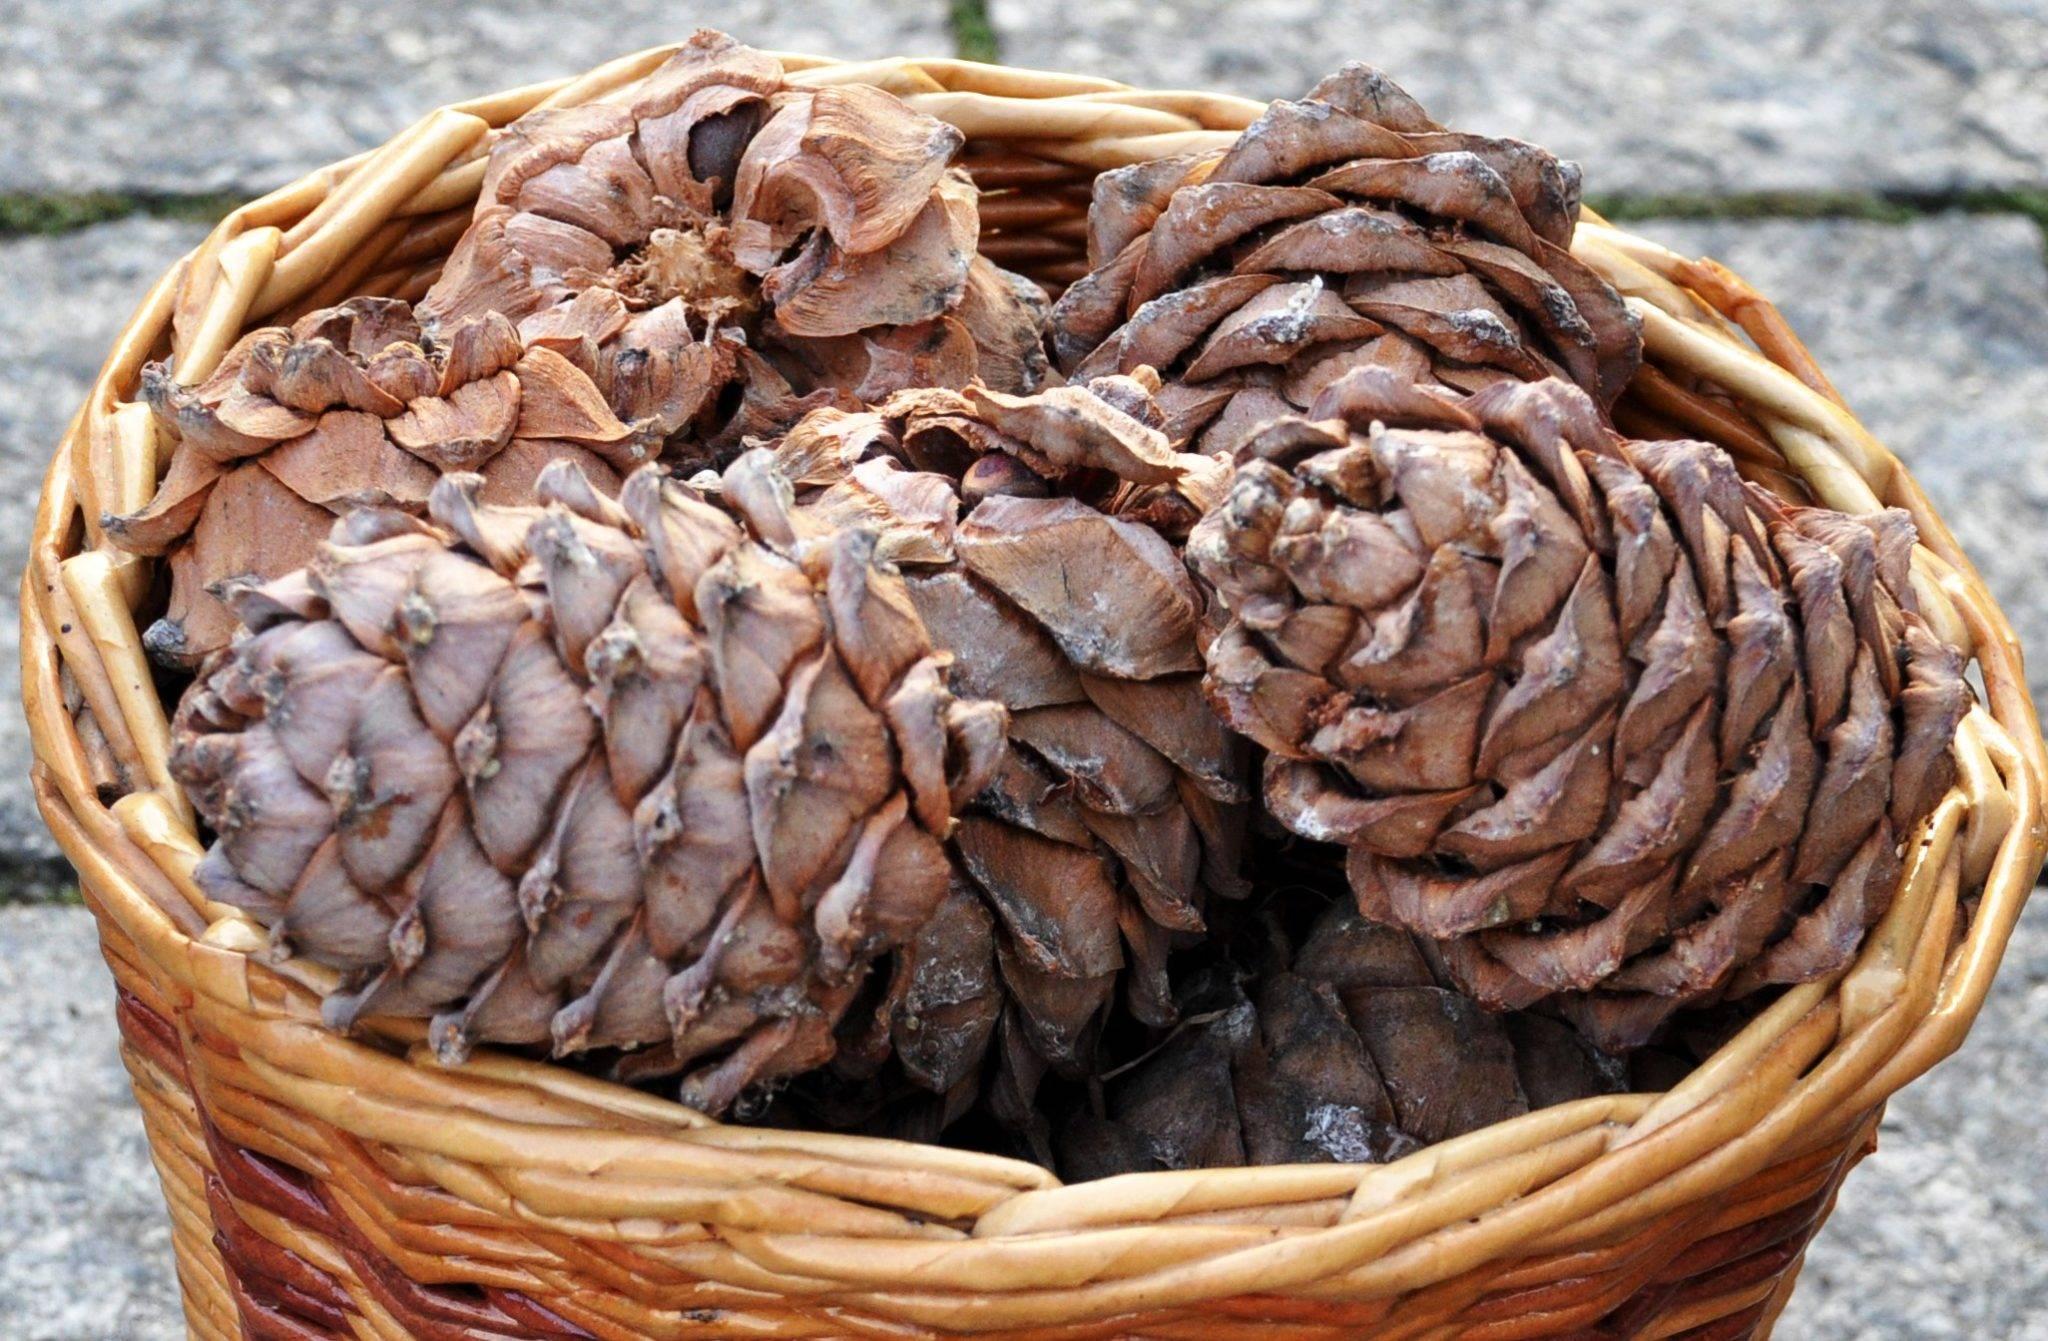 Сонник шишки с кедровыми орехами. к чему снится шишки с кедровыми орехами видеть во сне - сонник дома солнца